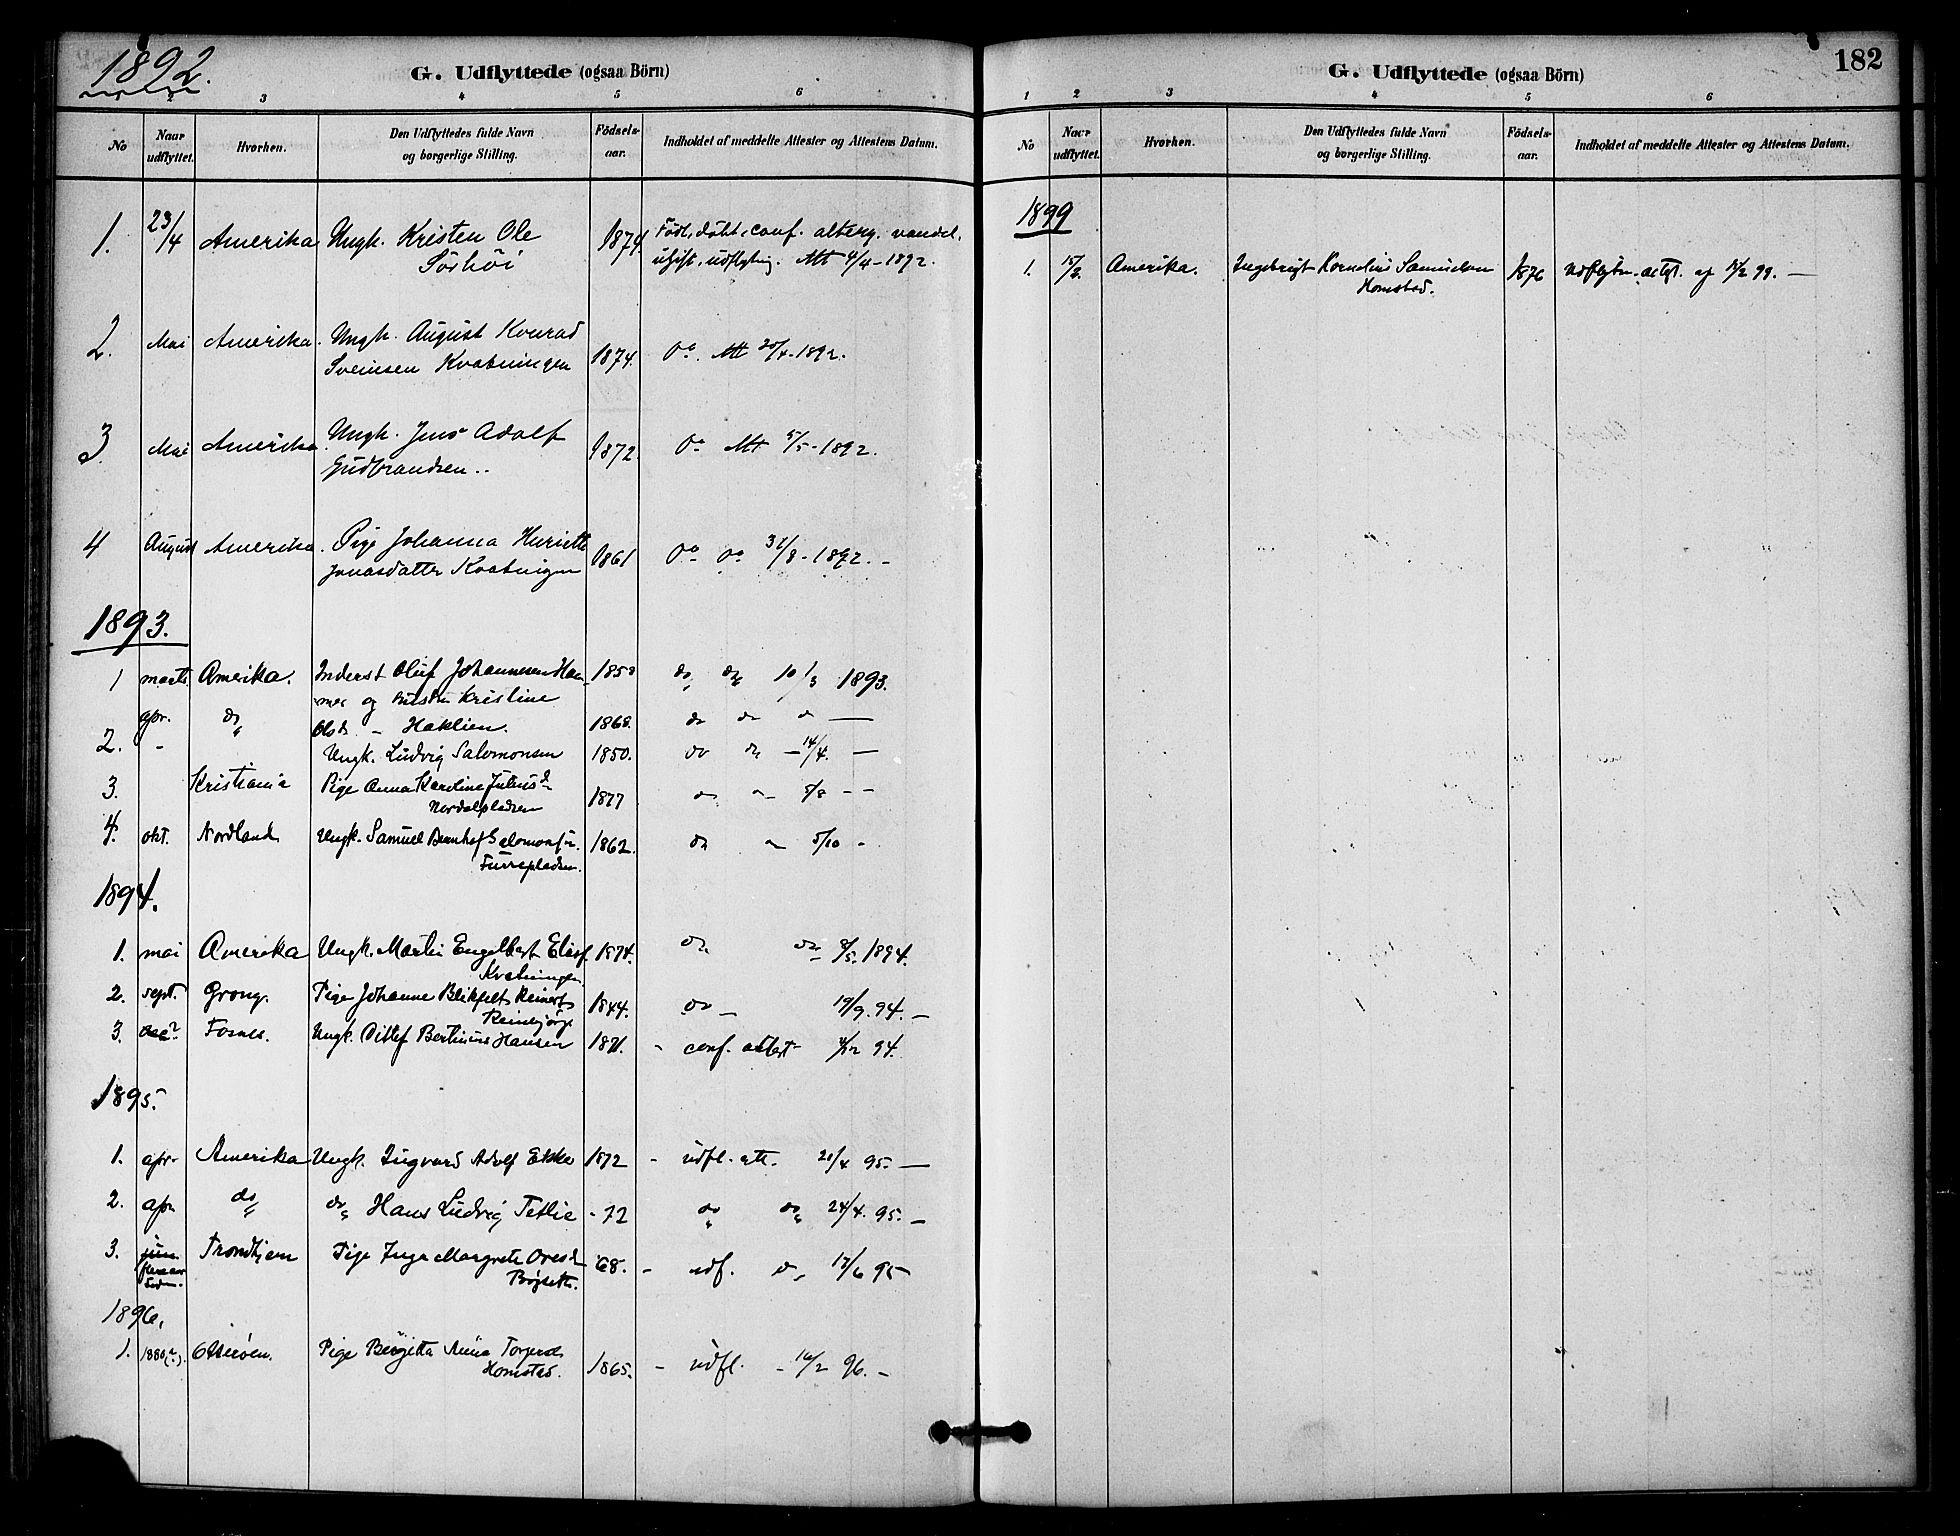 SAT, Ministerialprotokoller, klokkerbøker og fødselsregistre - Nord-Trøndelag, 766/L0563: Ministerialbok nr. 767A01, 1881-1899, s. 182